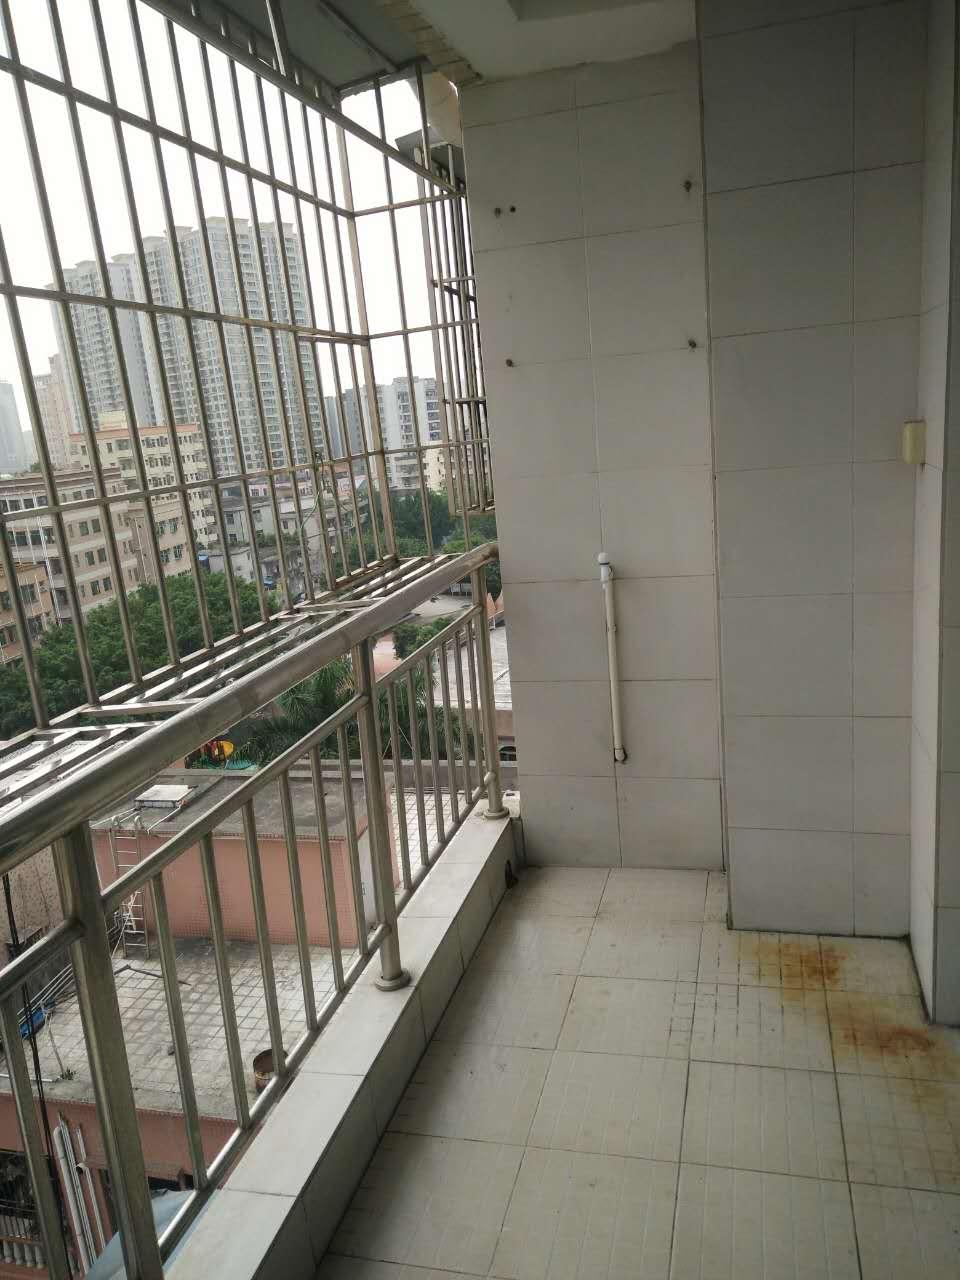 深圳小产权房52万三房85平方米,沙井万丰村农民房带装修出售 搜房 现房 团购 三房二厅 第12张